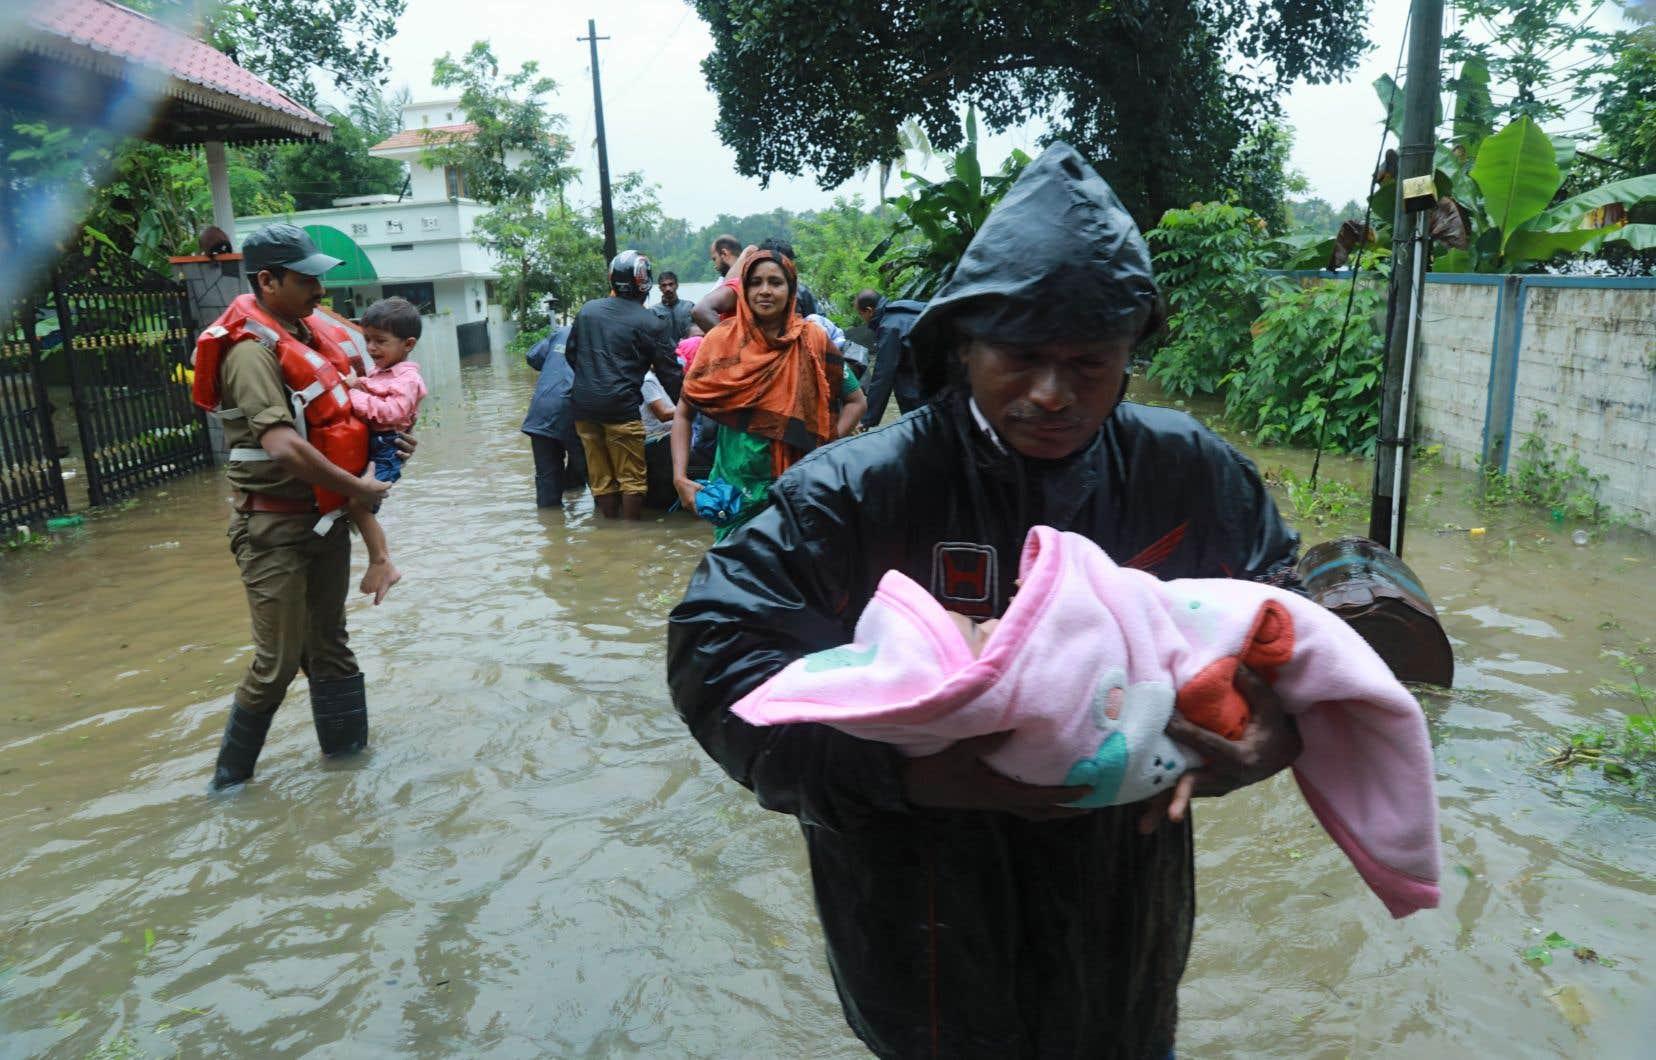 Des pompiers et secouristes évacuent les résidents d'une une zone inondée à Muppathadam, dans l'état indien du Kerala, le 15 août 2018.